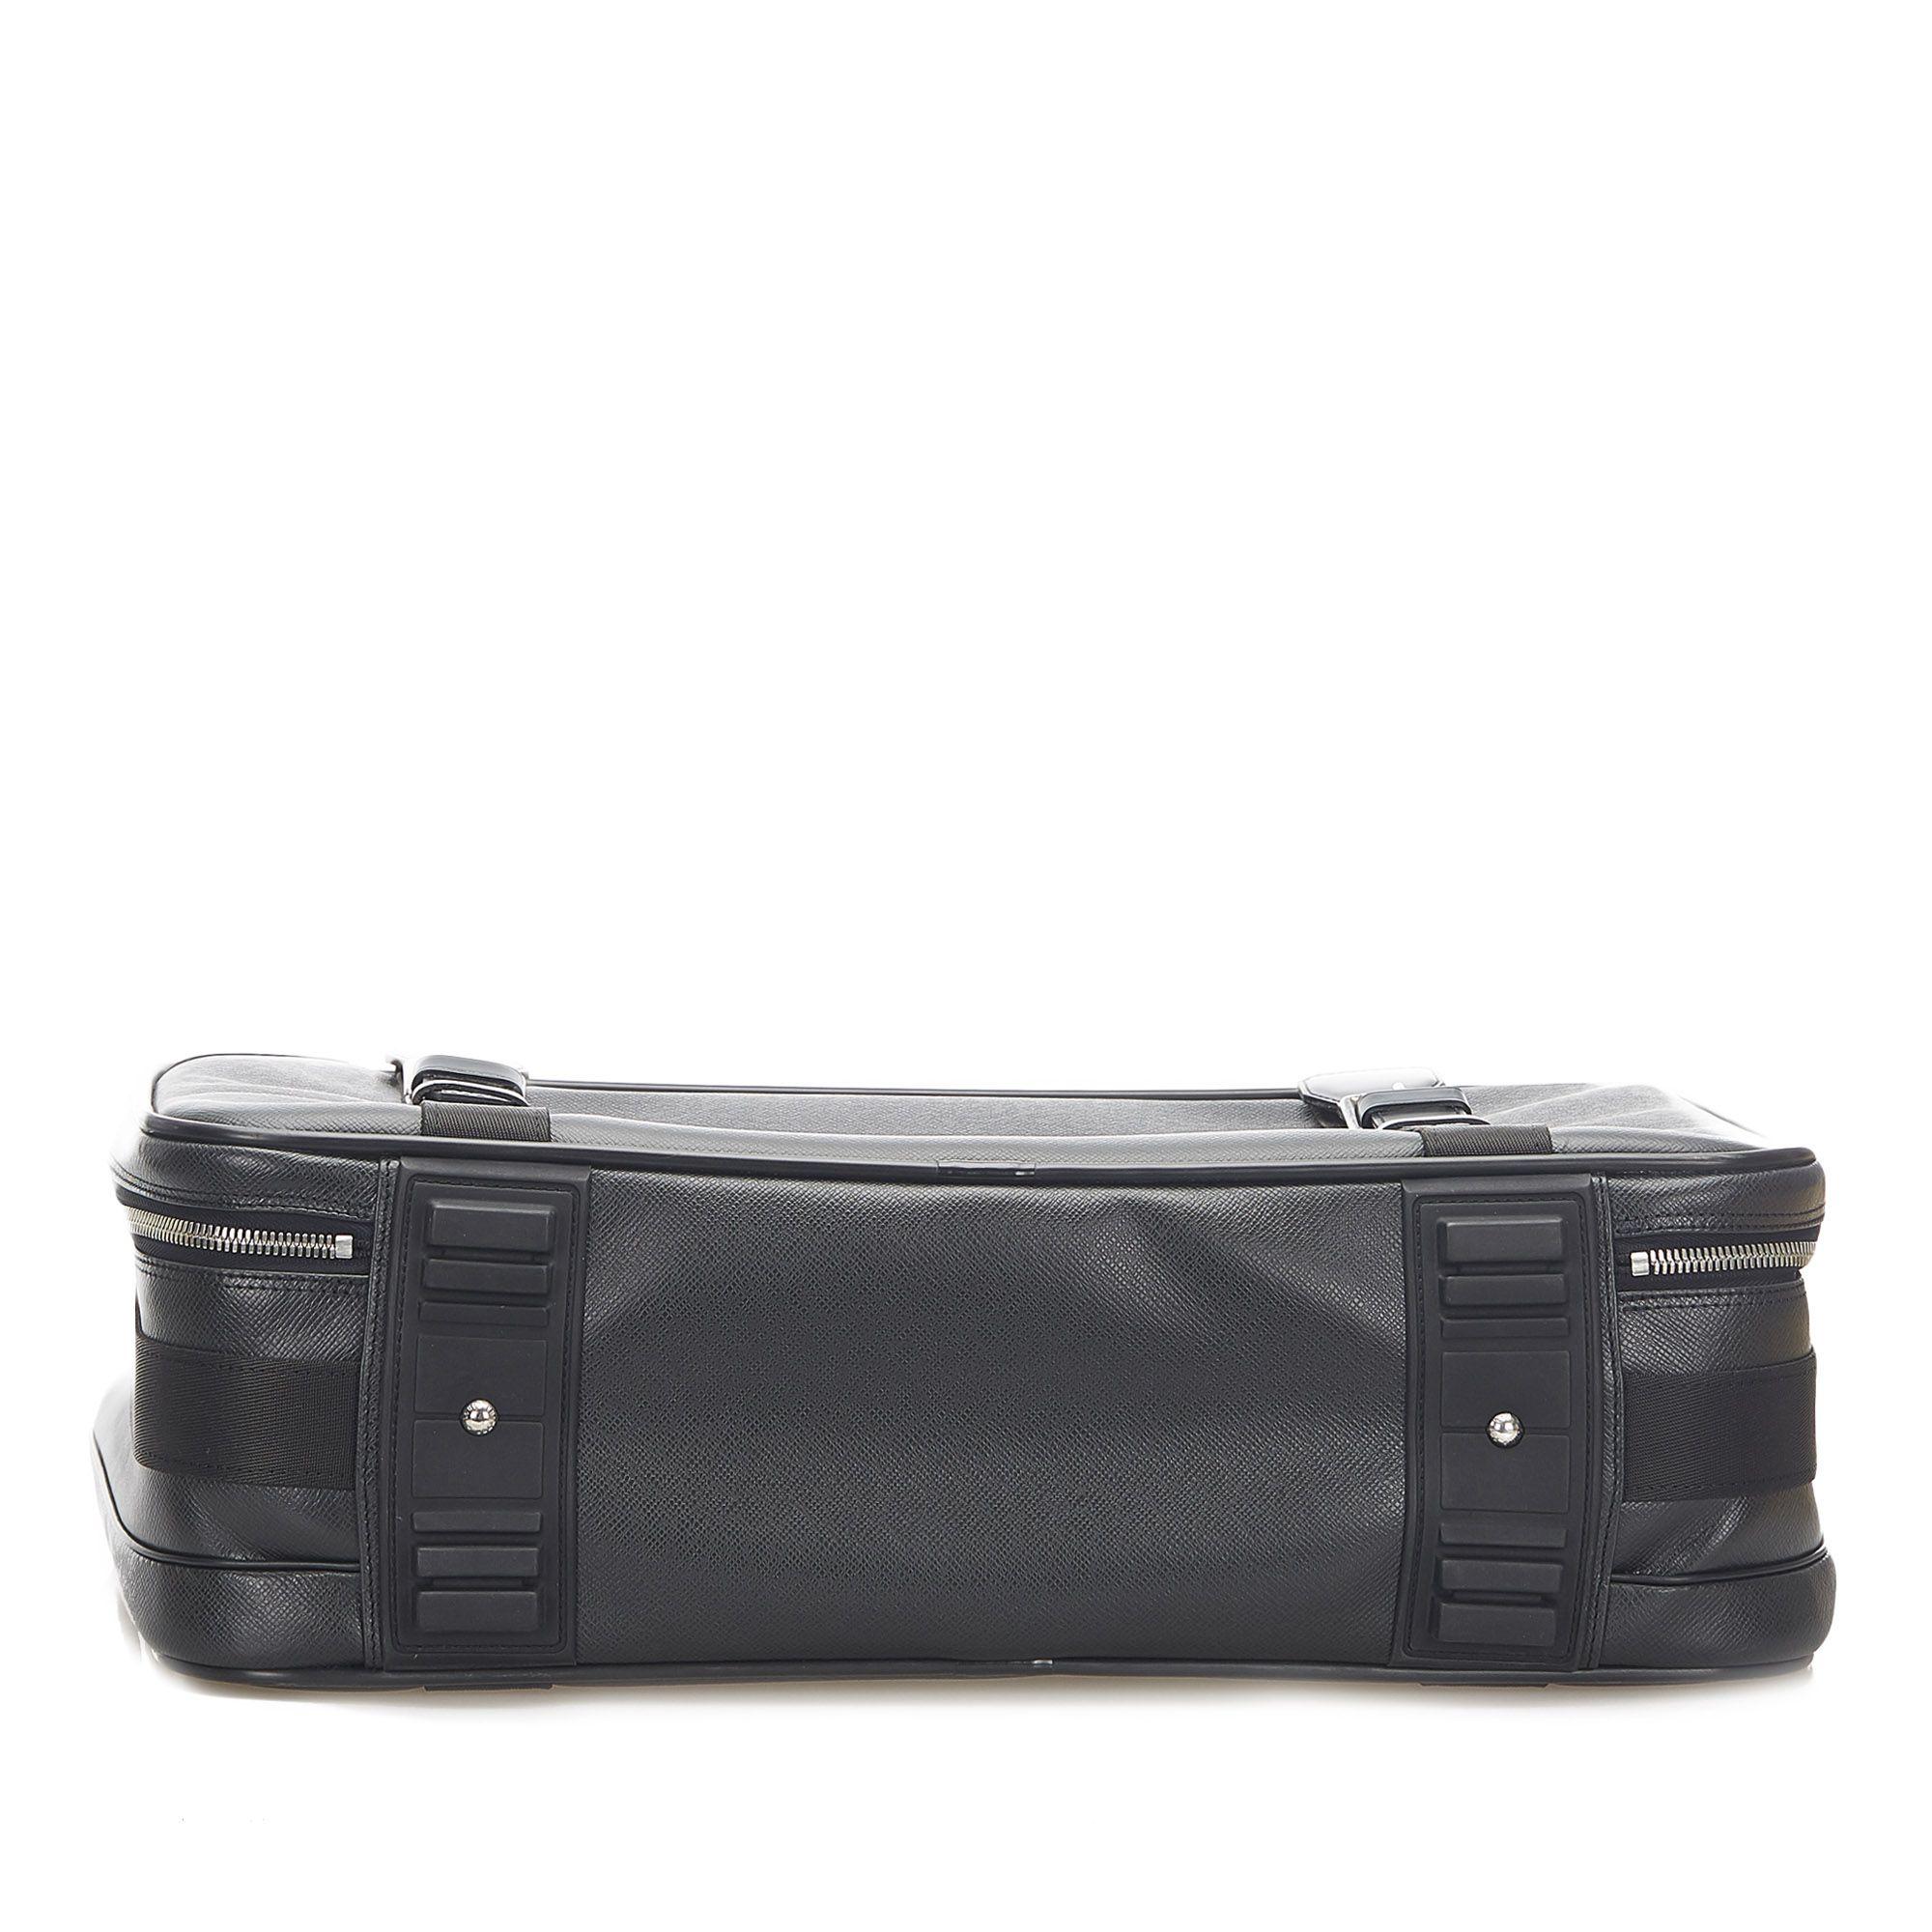 Vintage Louis Vuitton Taiga Satellite 53 Black